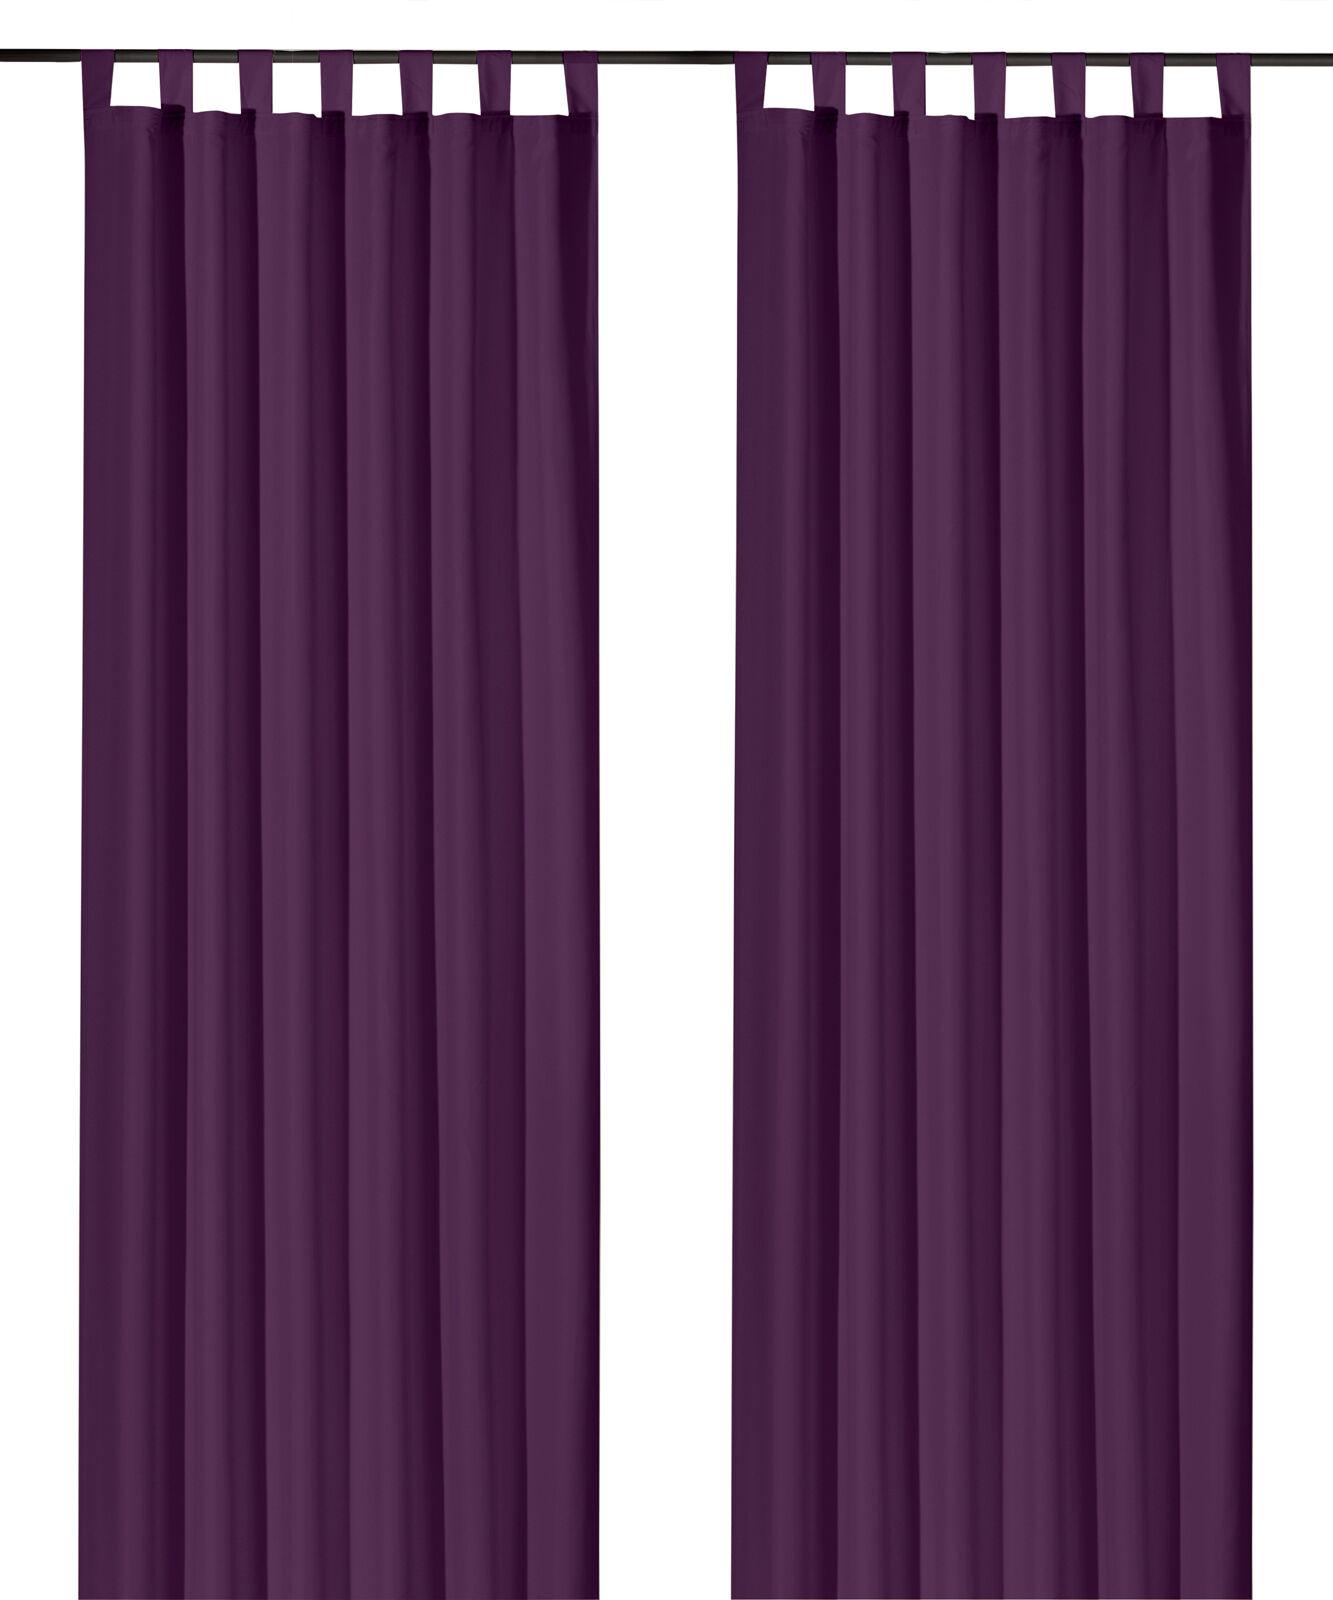 Schlaufenschal-inkl-Kraeuselband-blickdicht-Gardine-Vorhang-Dekoschal-Uni-Typ117 Indexbild 15